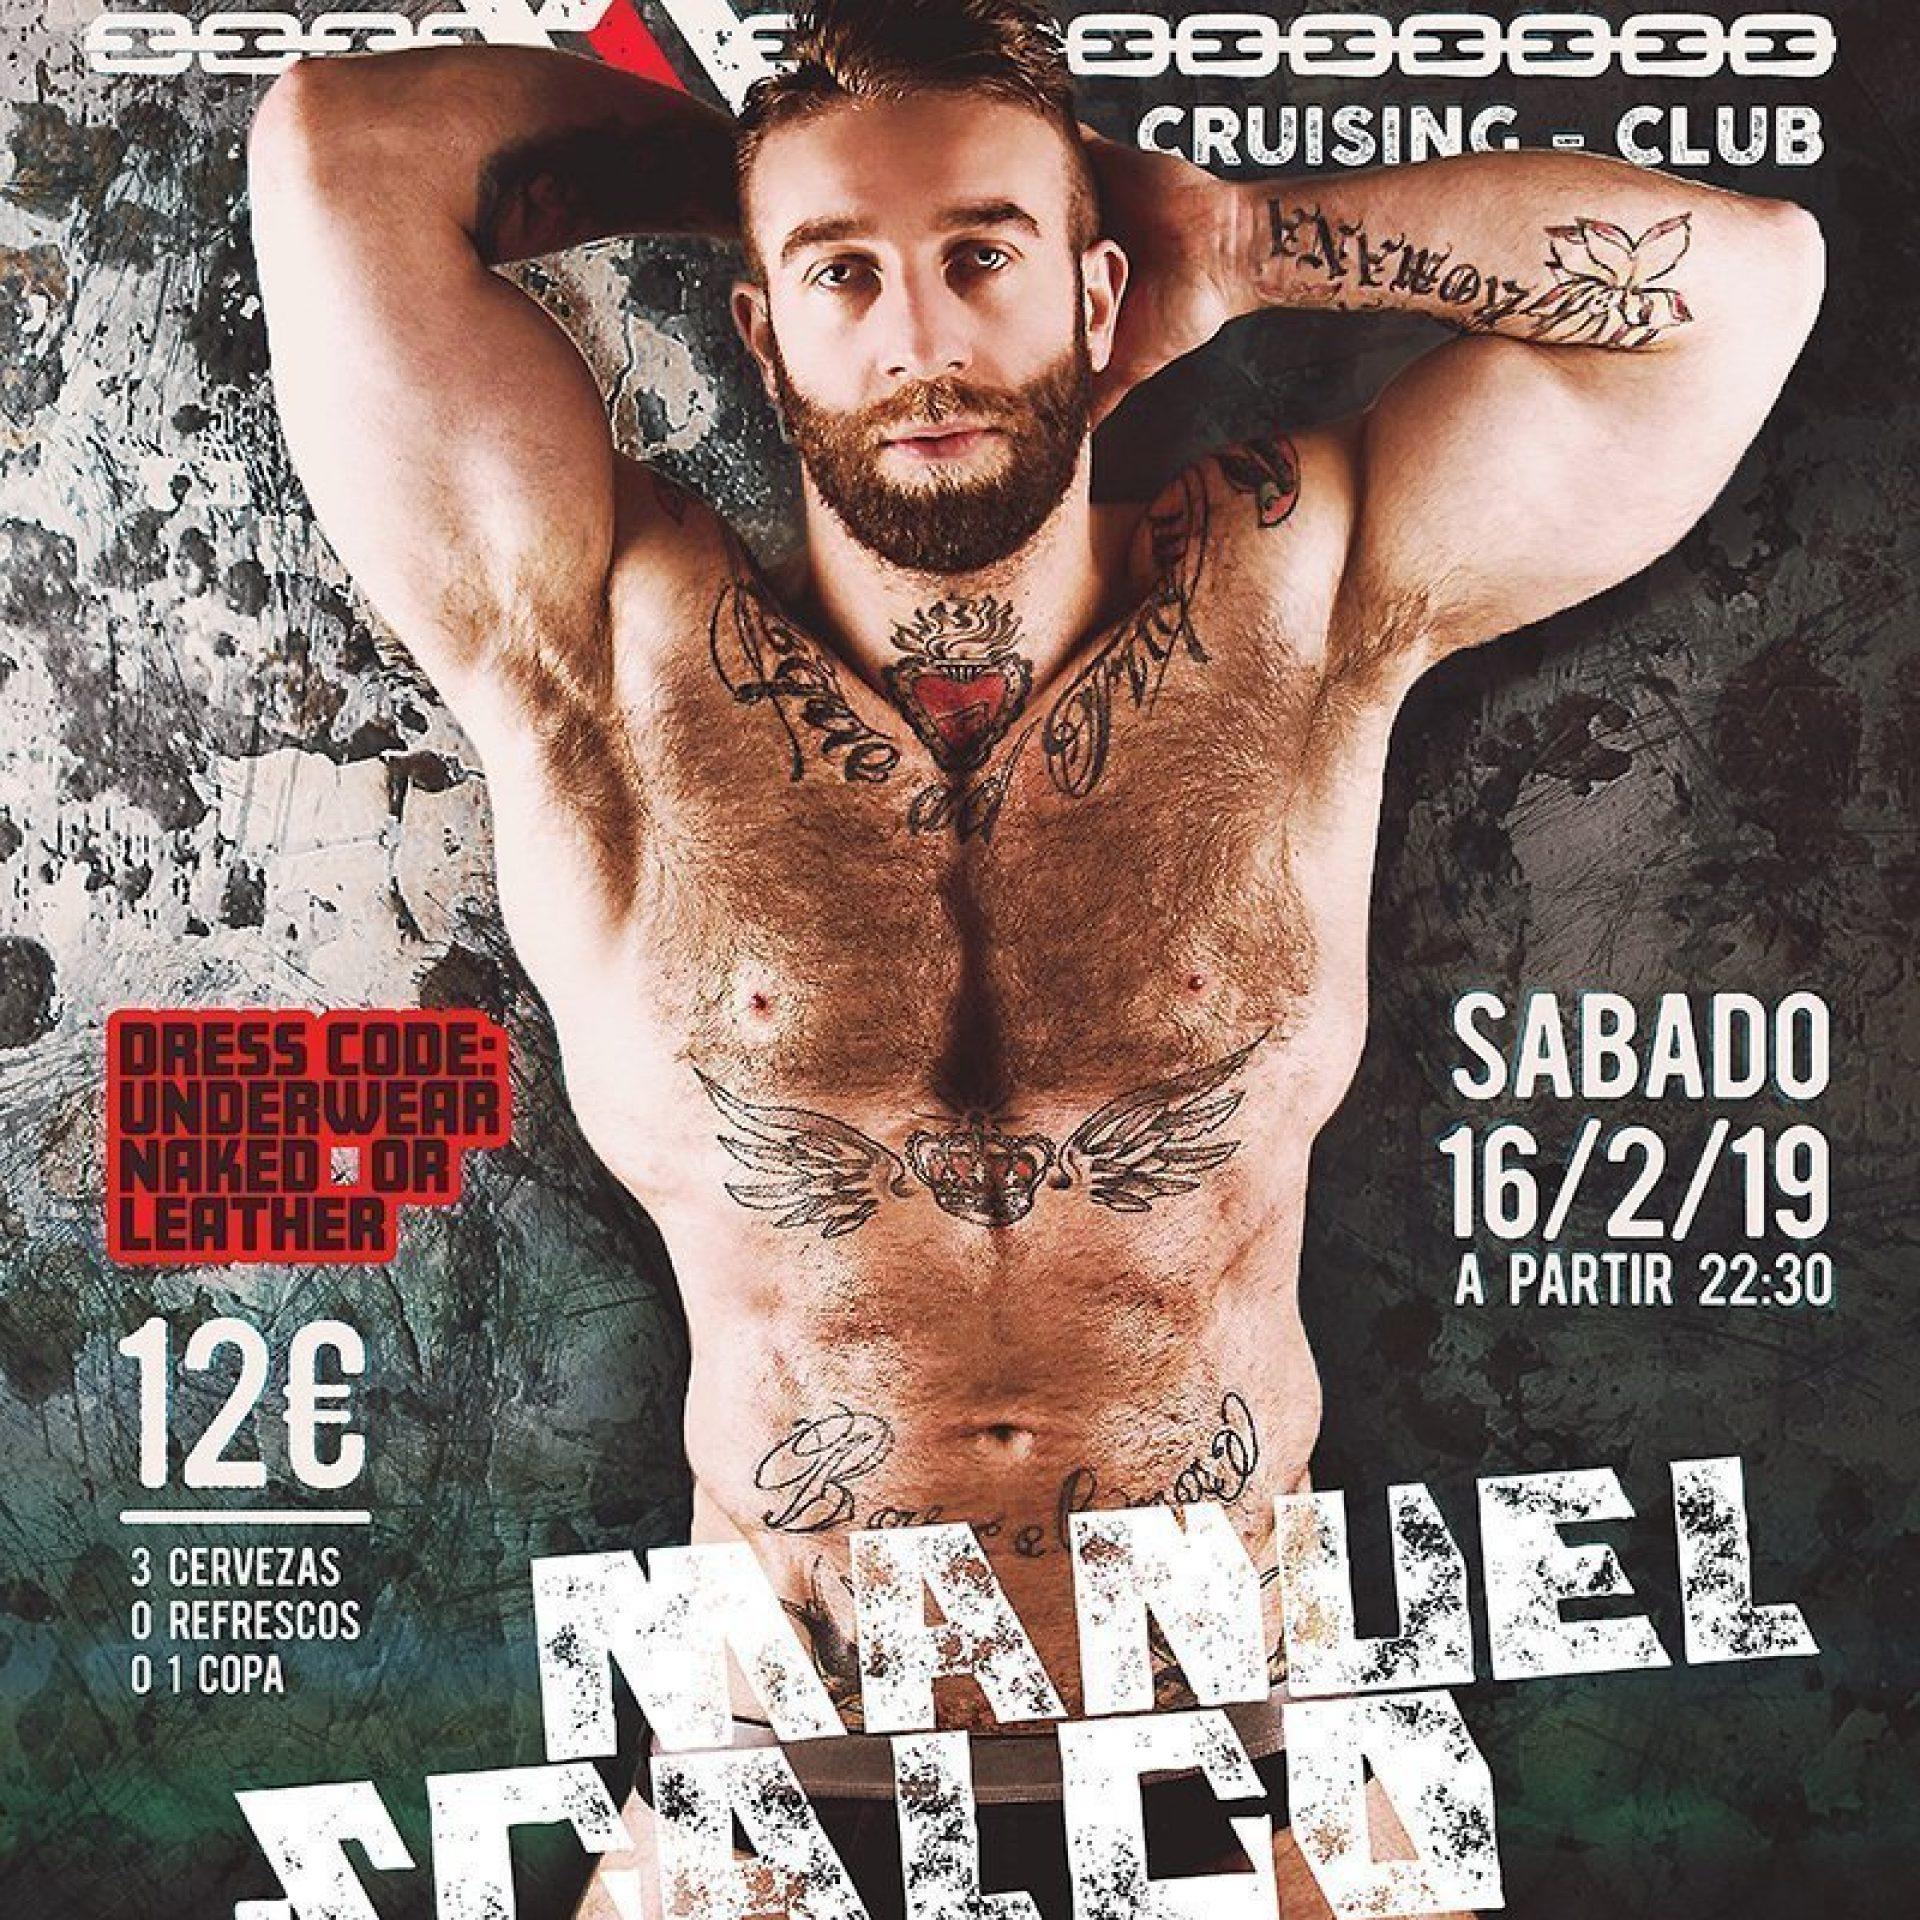 16 de febrero aniversario de boxer en exxxtreme con Manuel Scalco